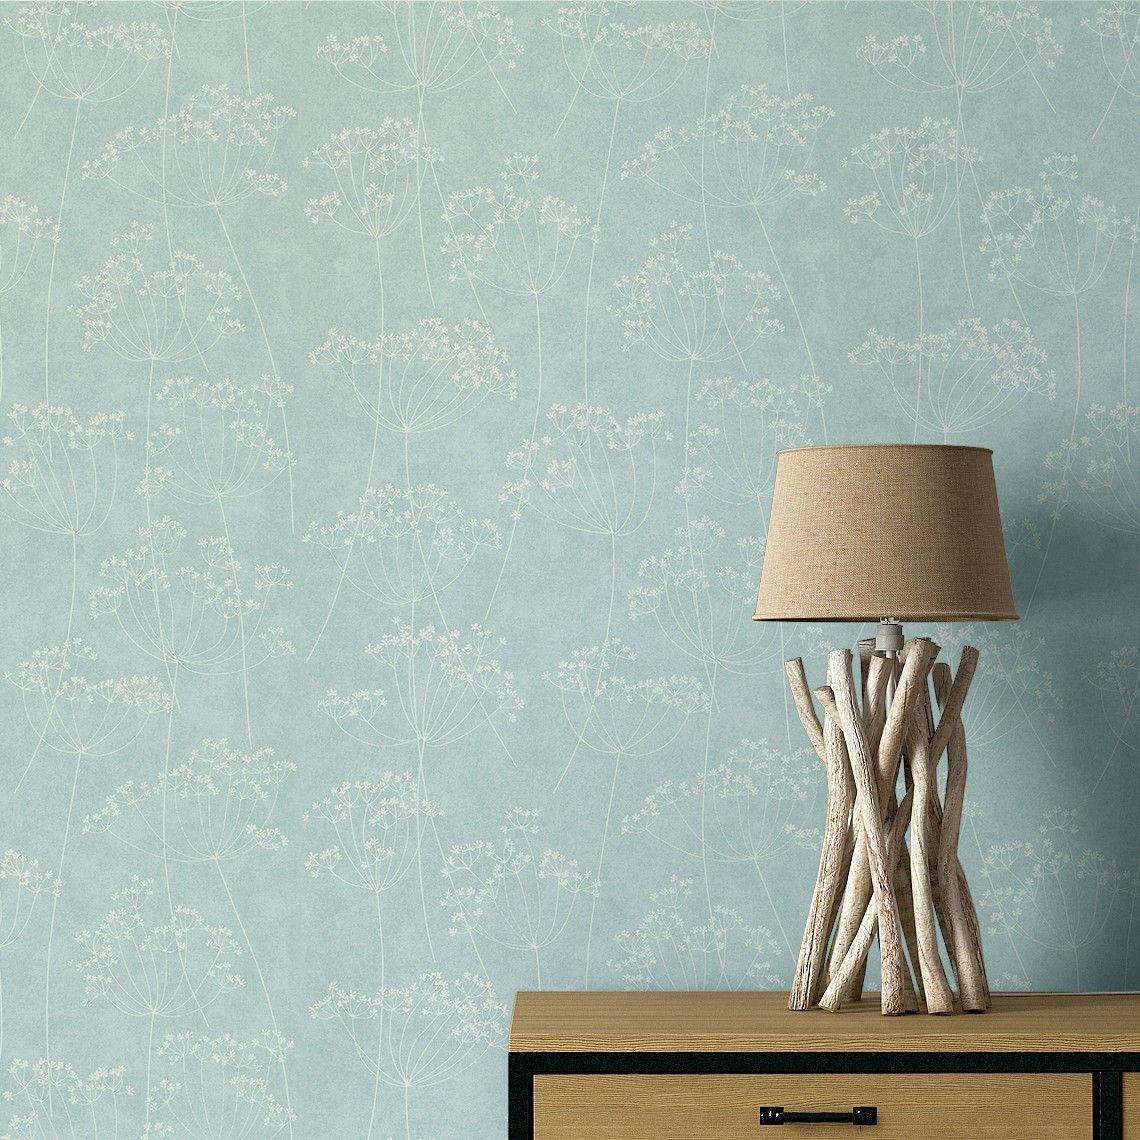 Peindre sur de la tapisserie cheap quelle colle pour - Enlever colle tapisserie avant peinture ...